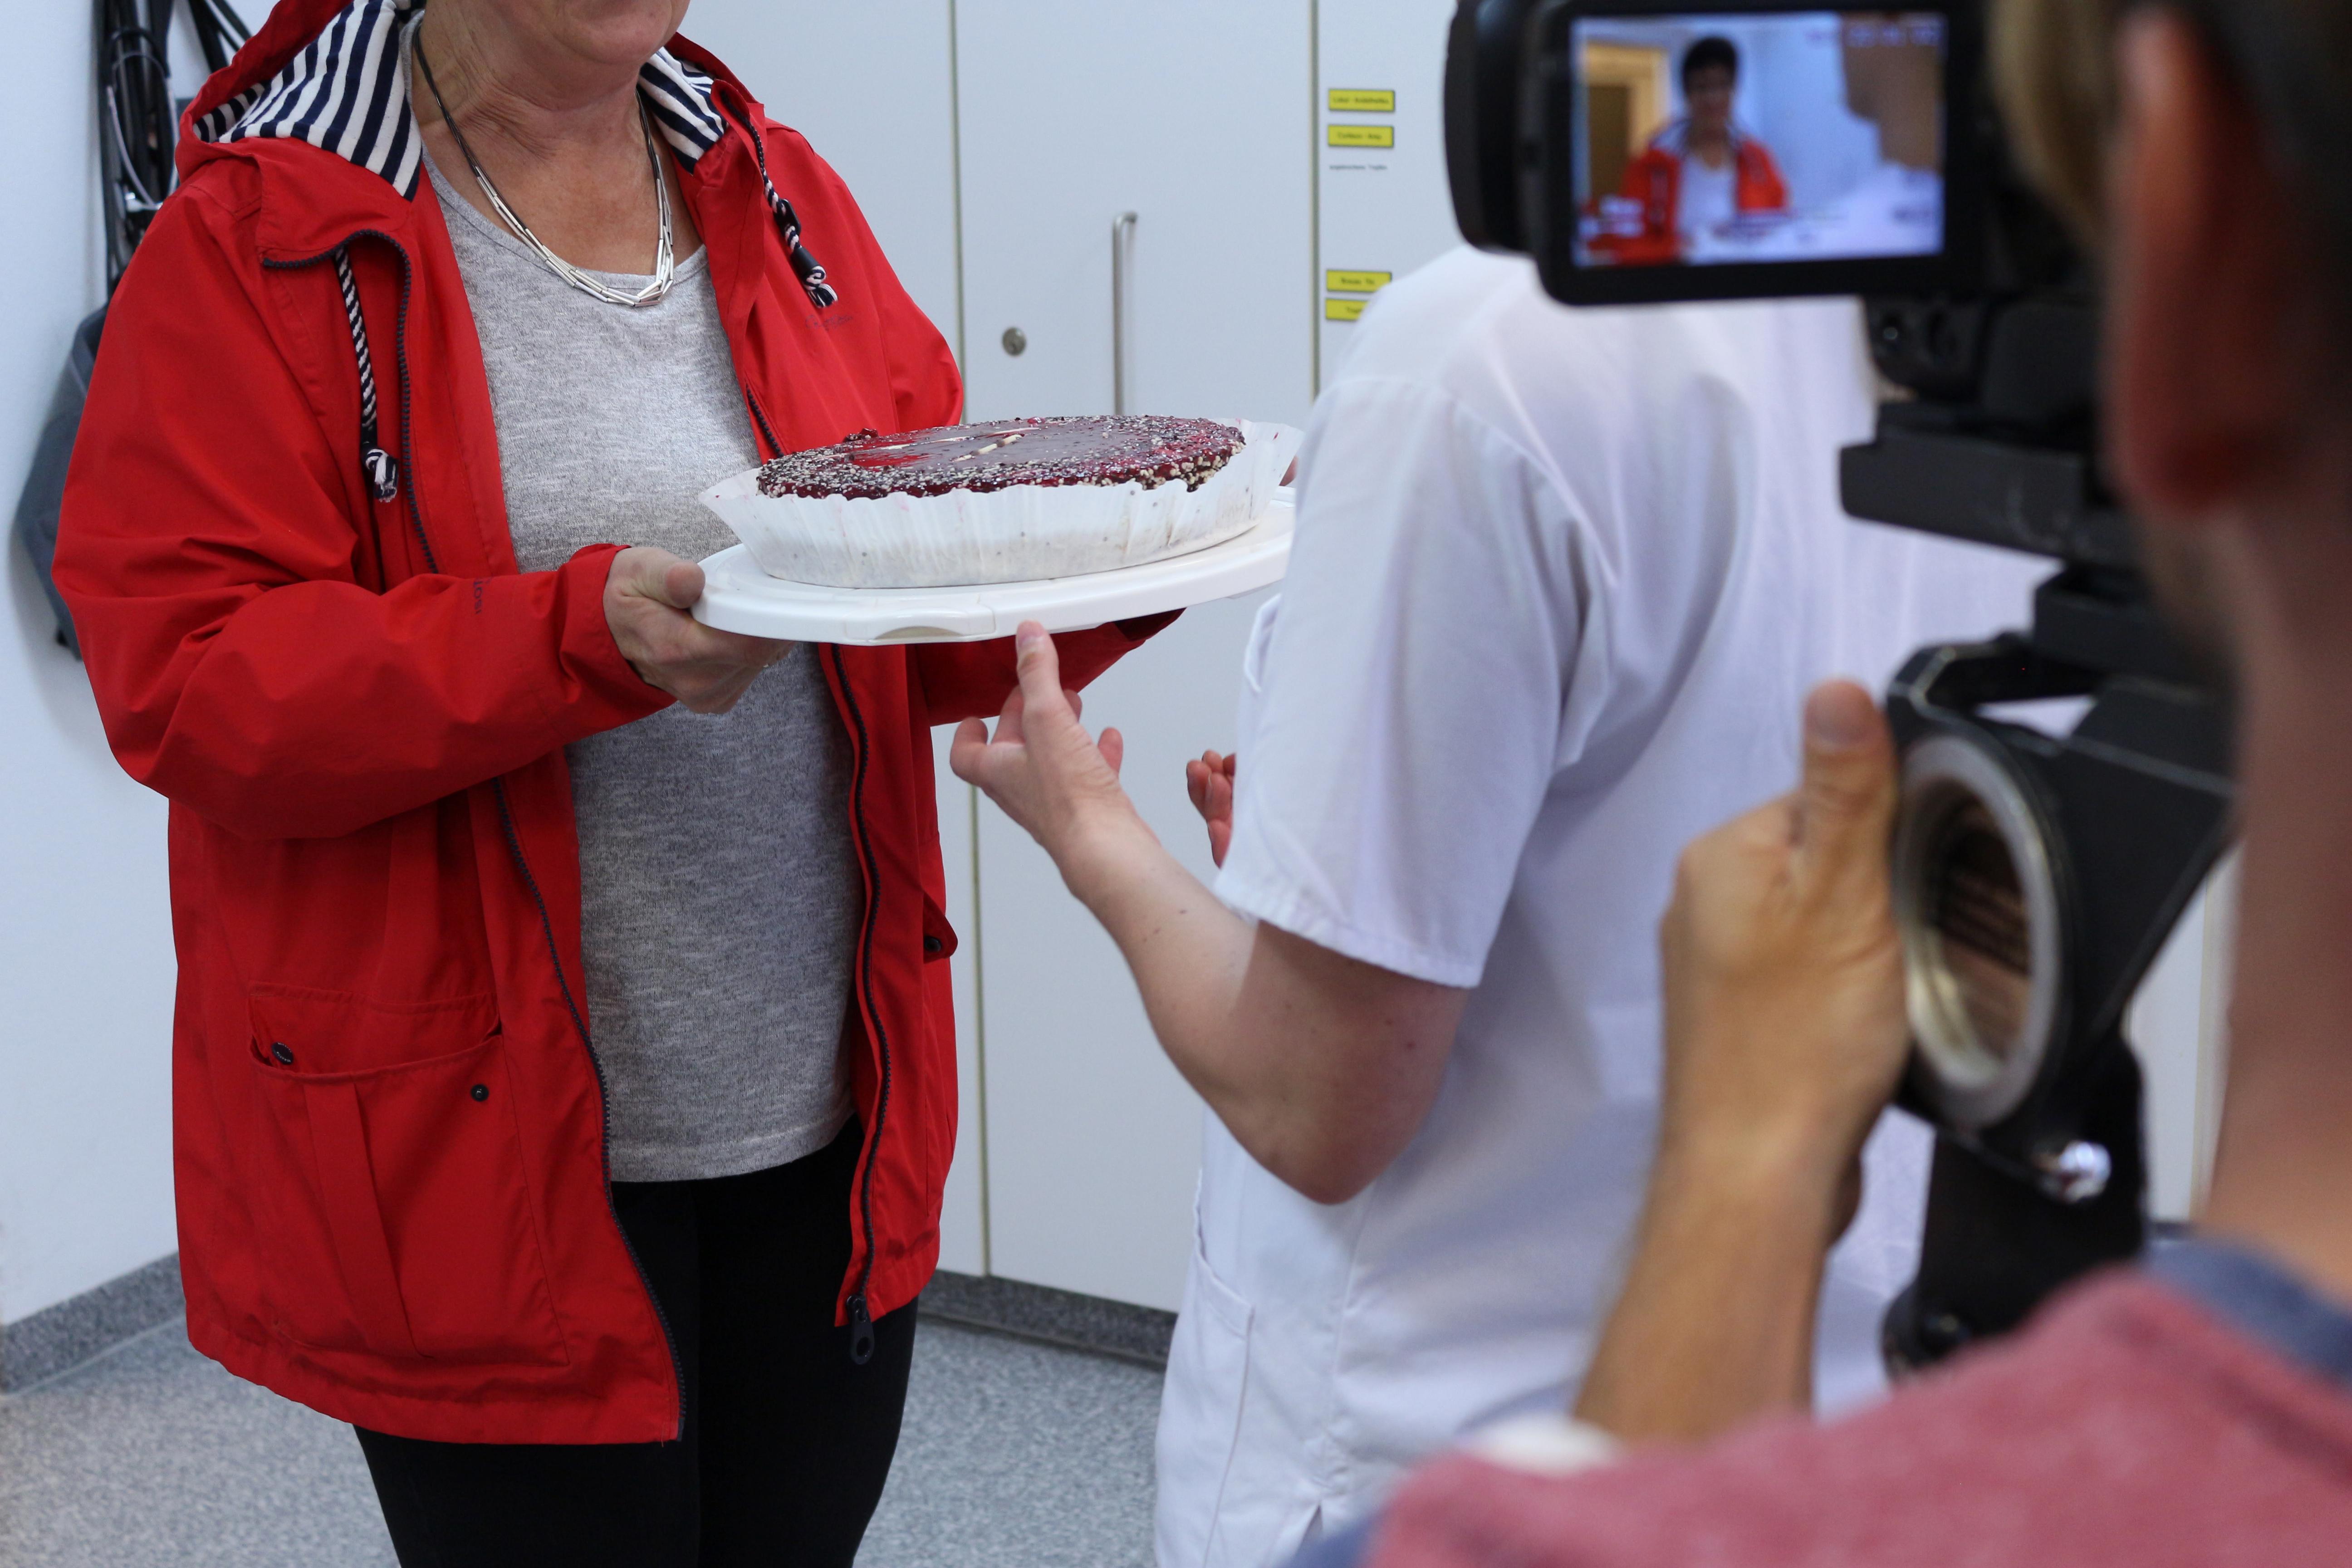 Krankenhaus Patientengeschenk Kuchen